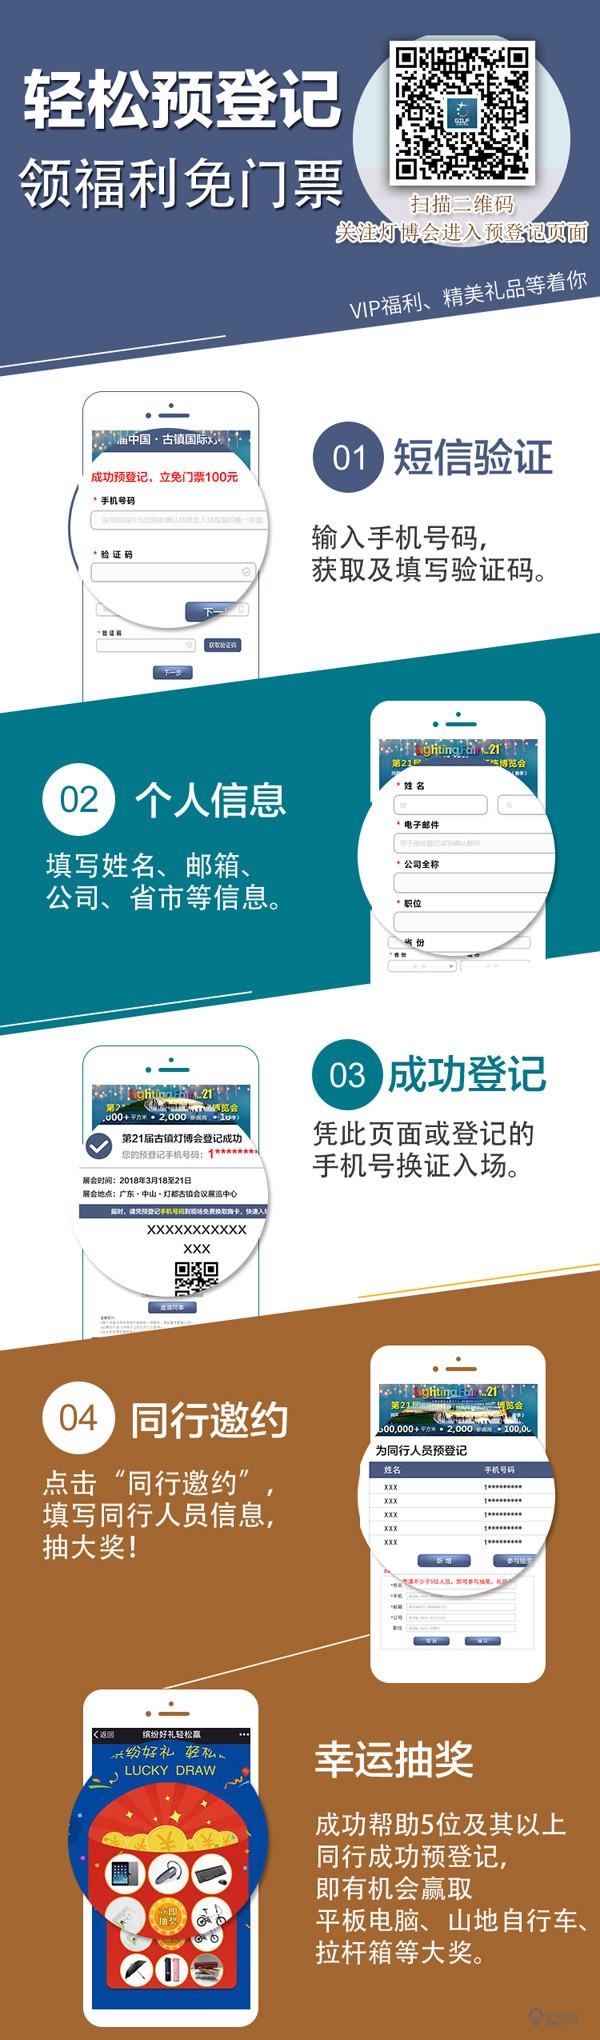 21届中国•古镇国际灯饰博览会轻松预登记 同行邀约享福利